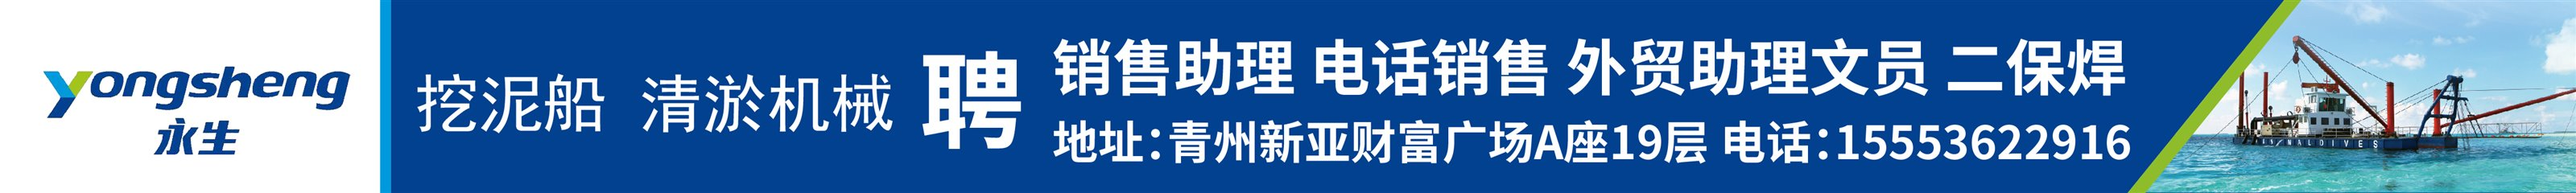 青州永生環保清淤裝備有限公司